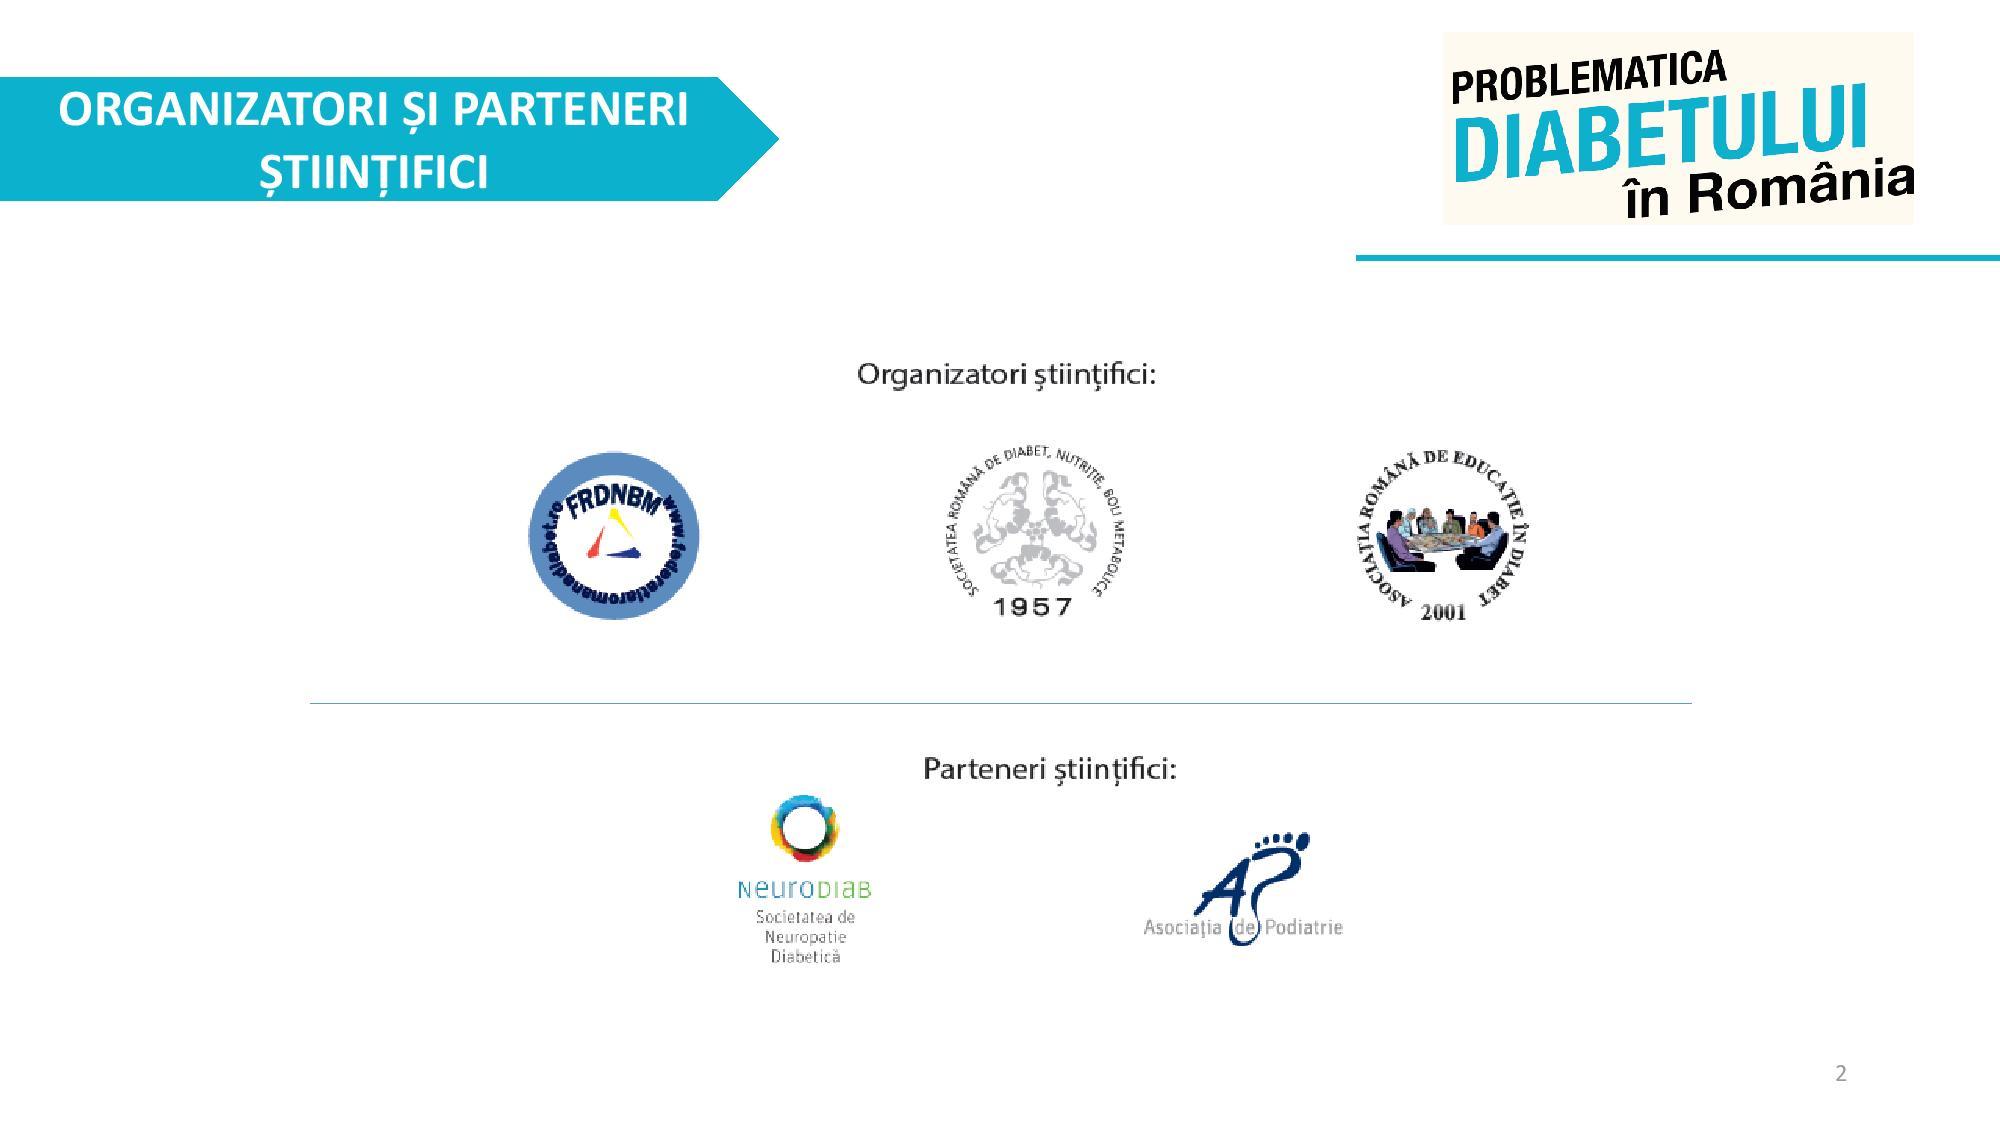 Problematica Diabetului in Romania 2016-page-002